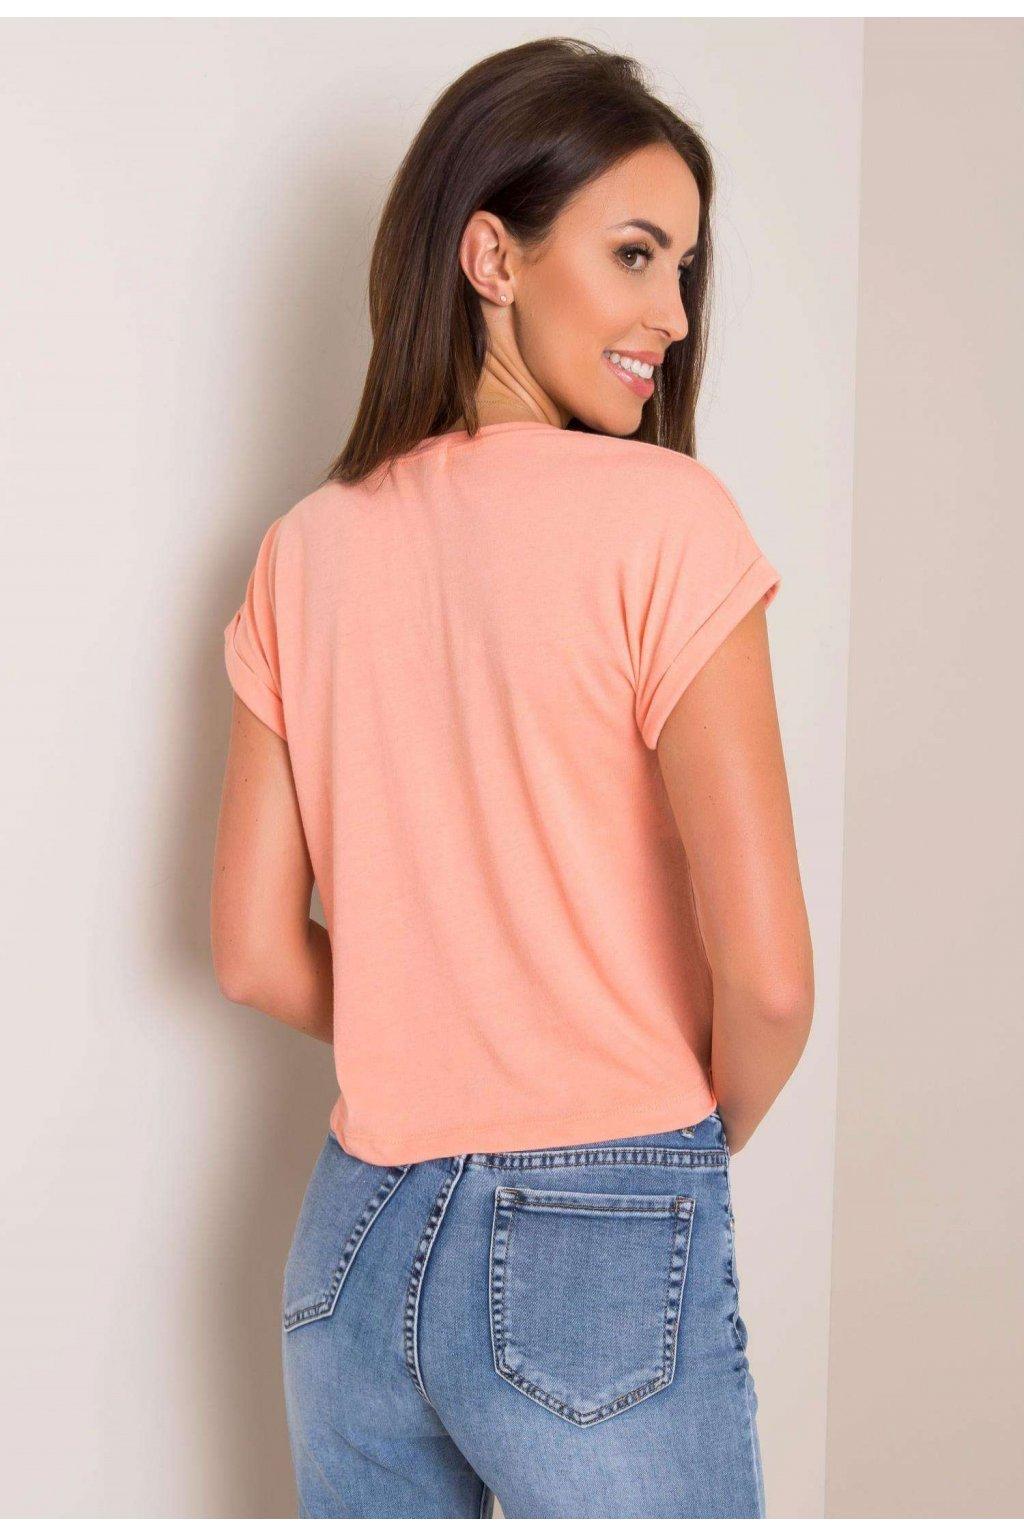 Őszibarack női póló